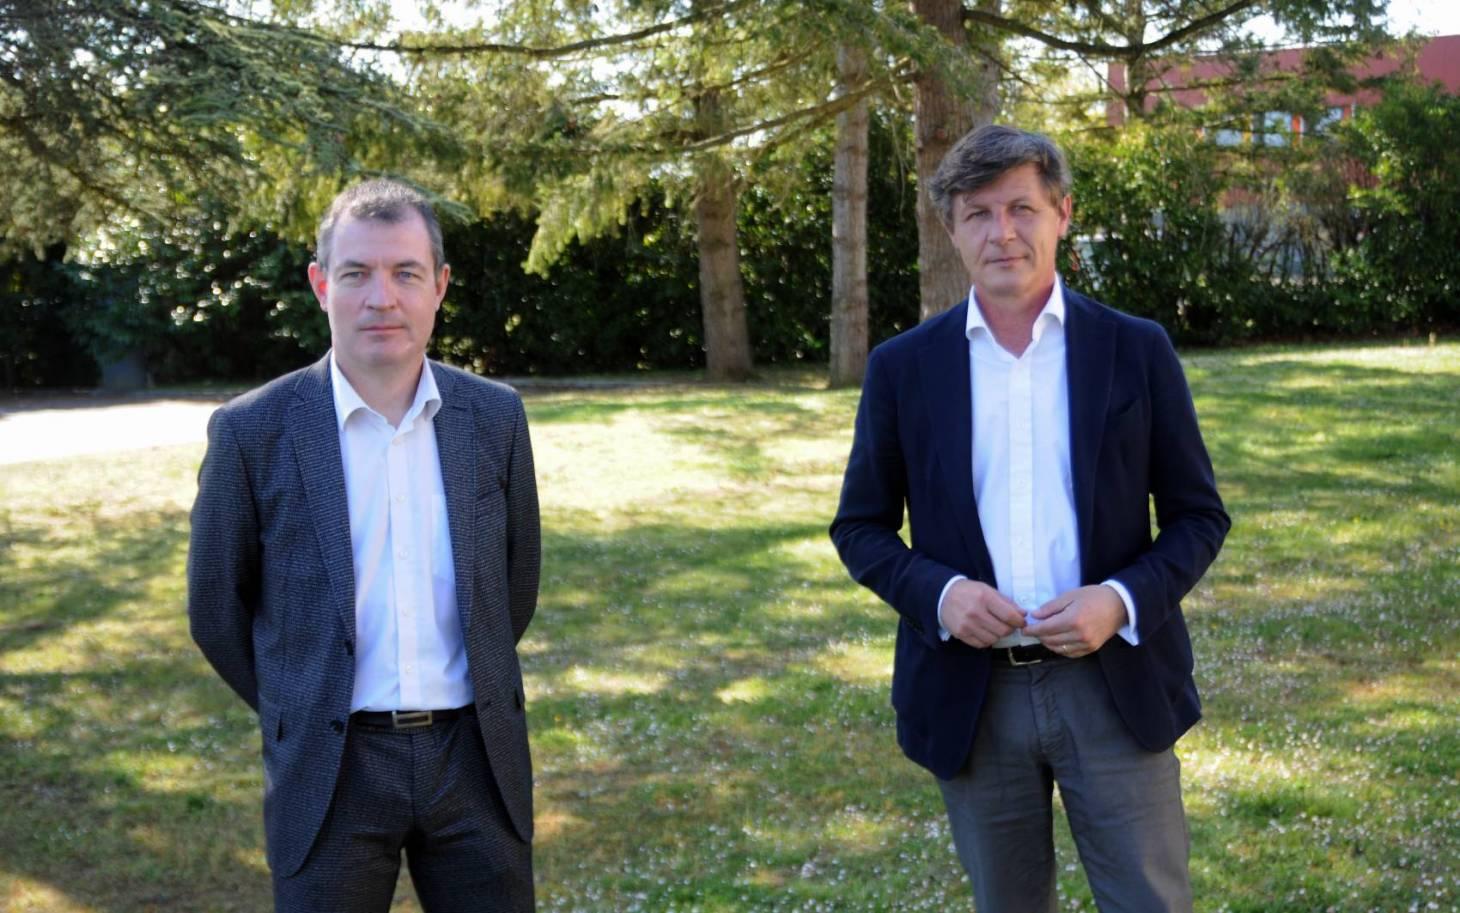 Régionales - Nicolas Florian: « Rousset est sous la tutelle des Verts»